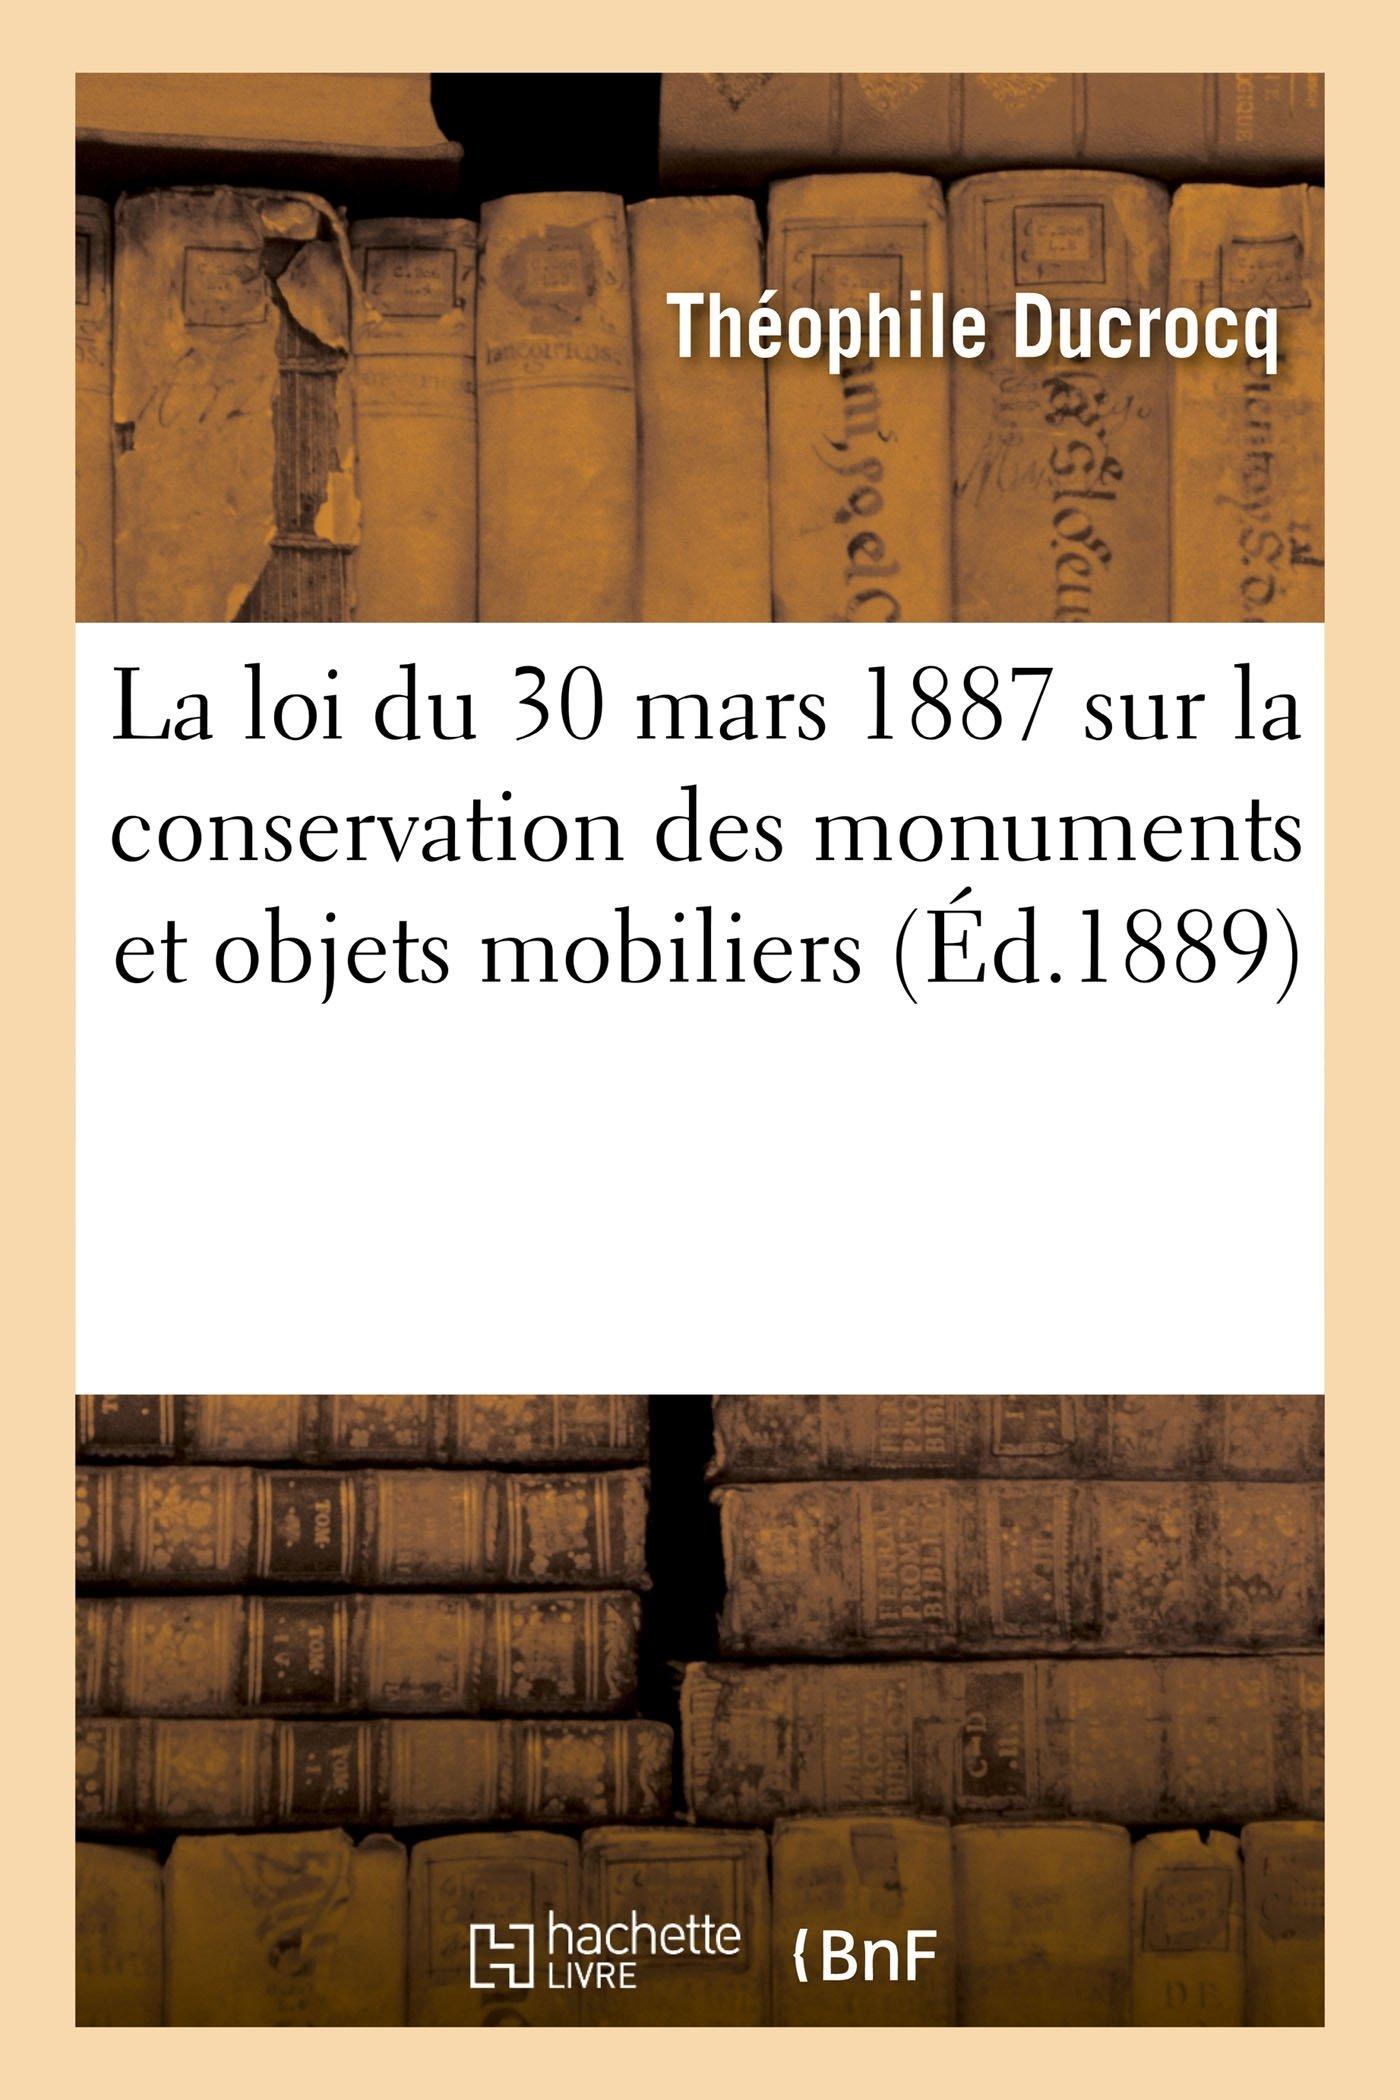 La Loi Du 30 Mars 1887 Et Les Décrets Du 3 Janvier 1889 Sur La Conservation Des Monuments (Sciences Sociales) (French Edition) pdf